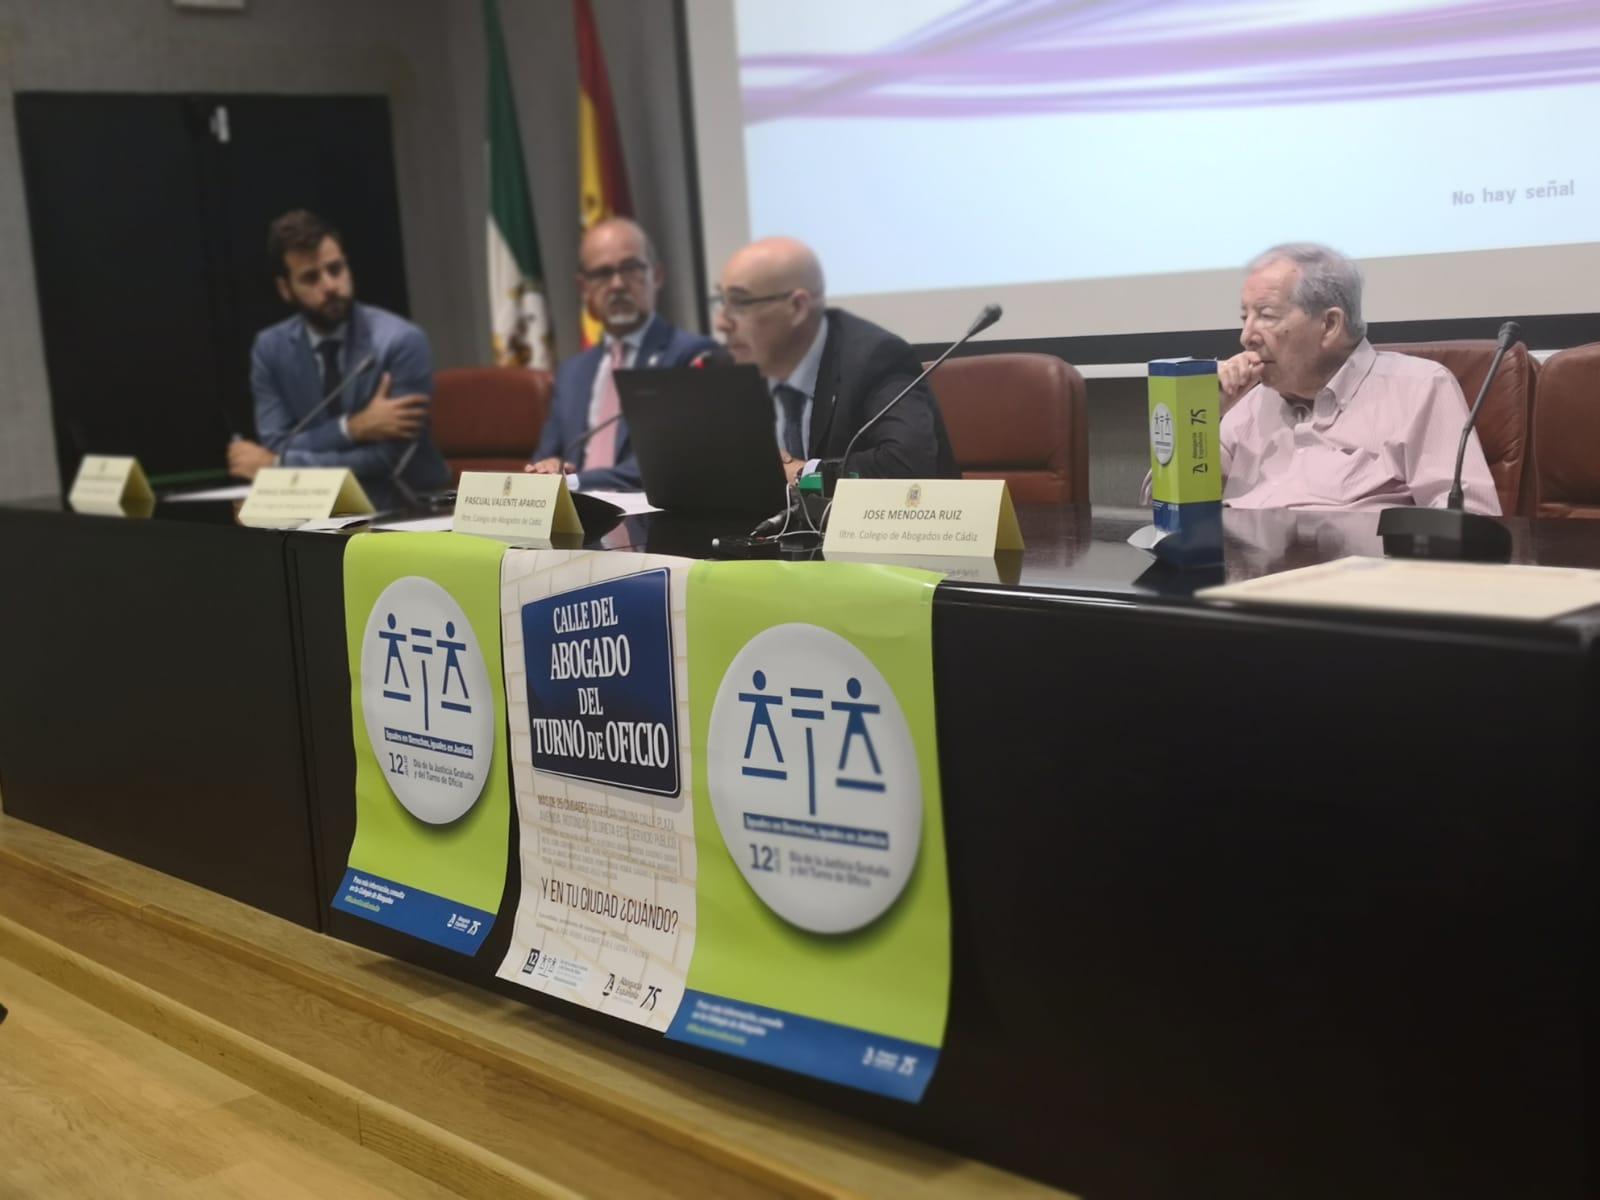 El Colegio De Abogados De Cádiz Celebra El Día De La Justicia Gratuita Con Un Aumento Del Número De Expedientes Tramitados